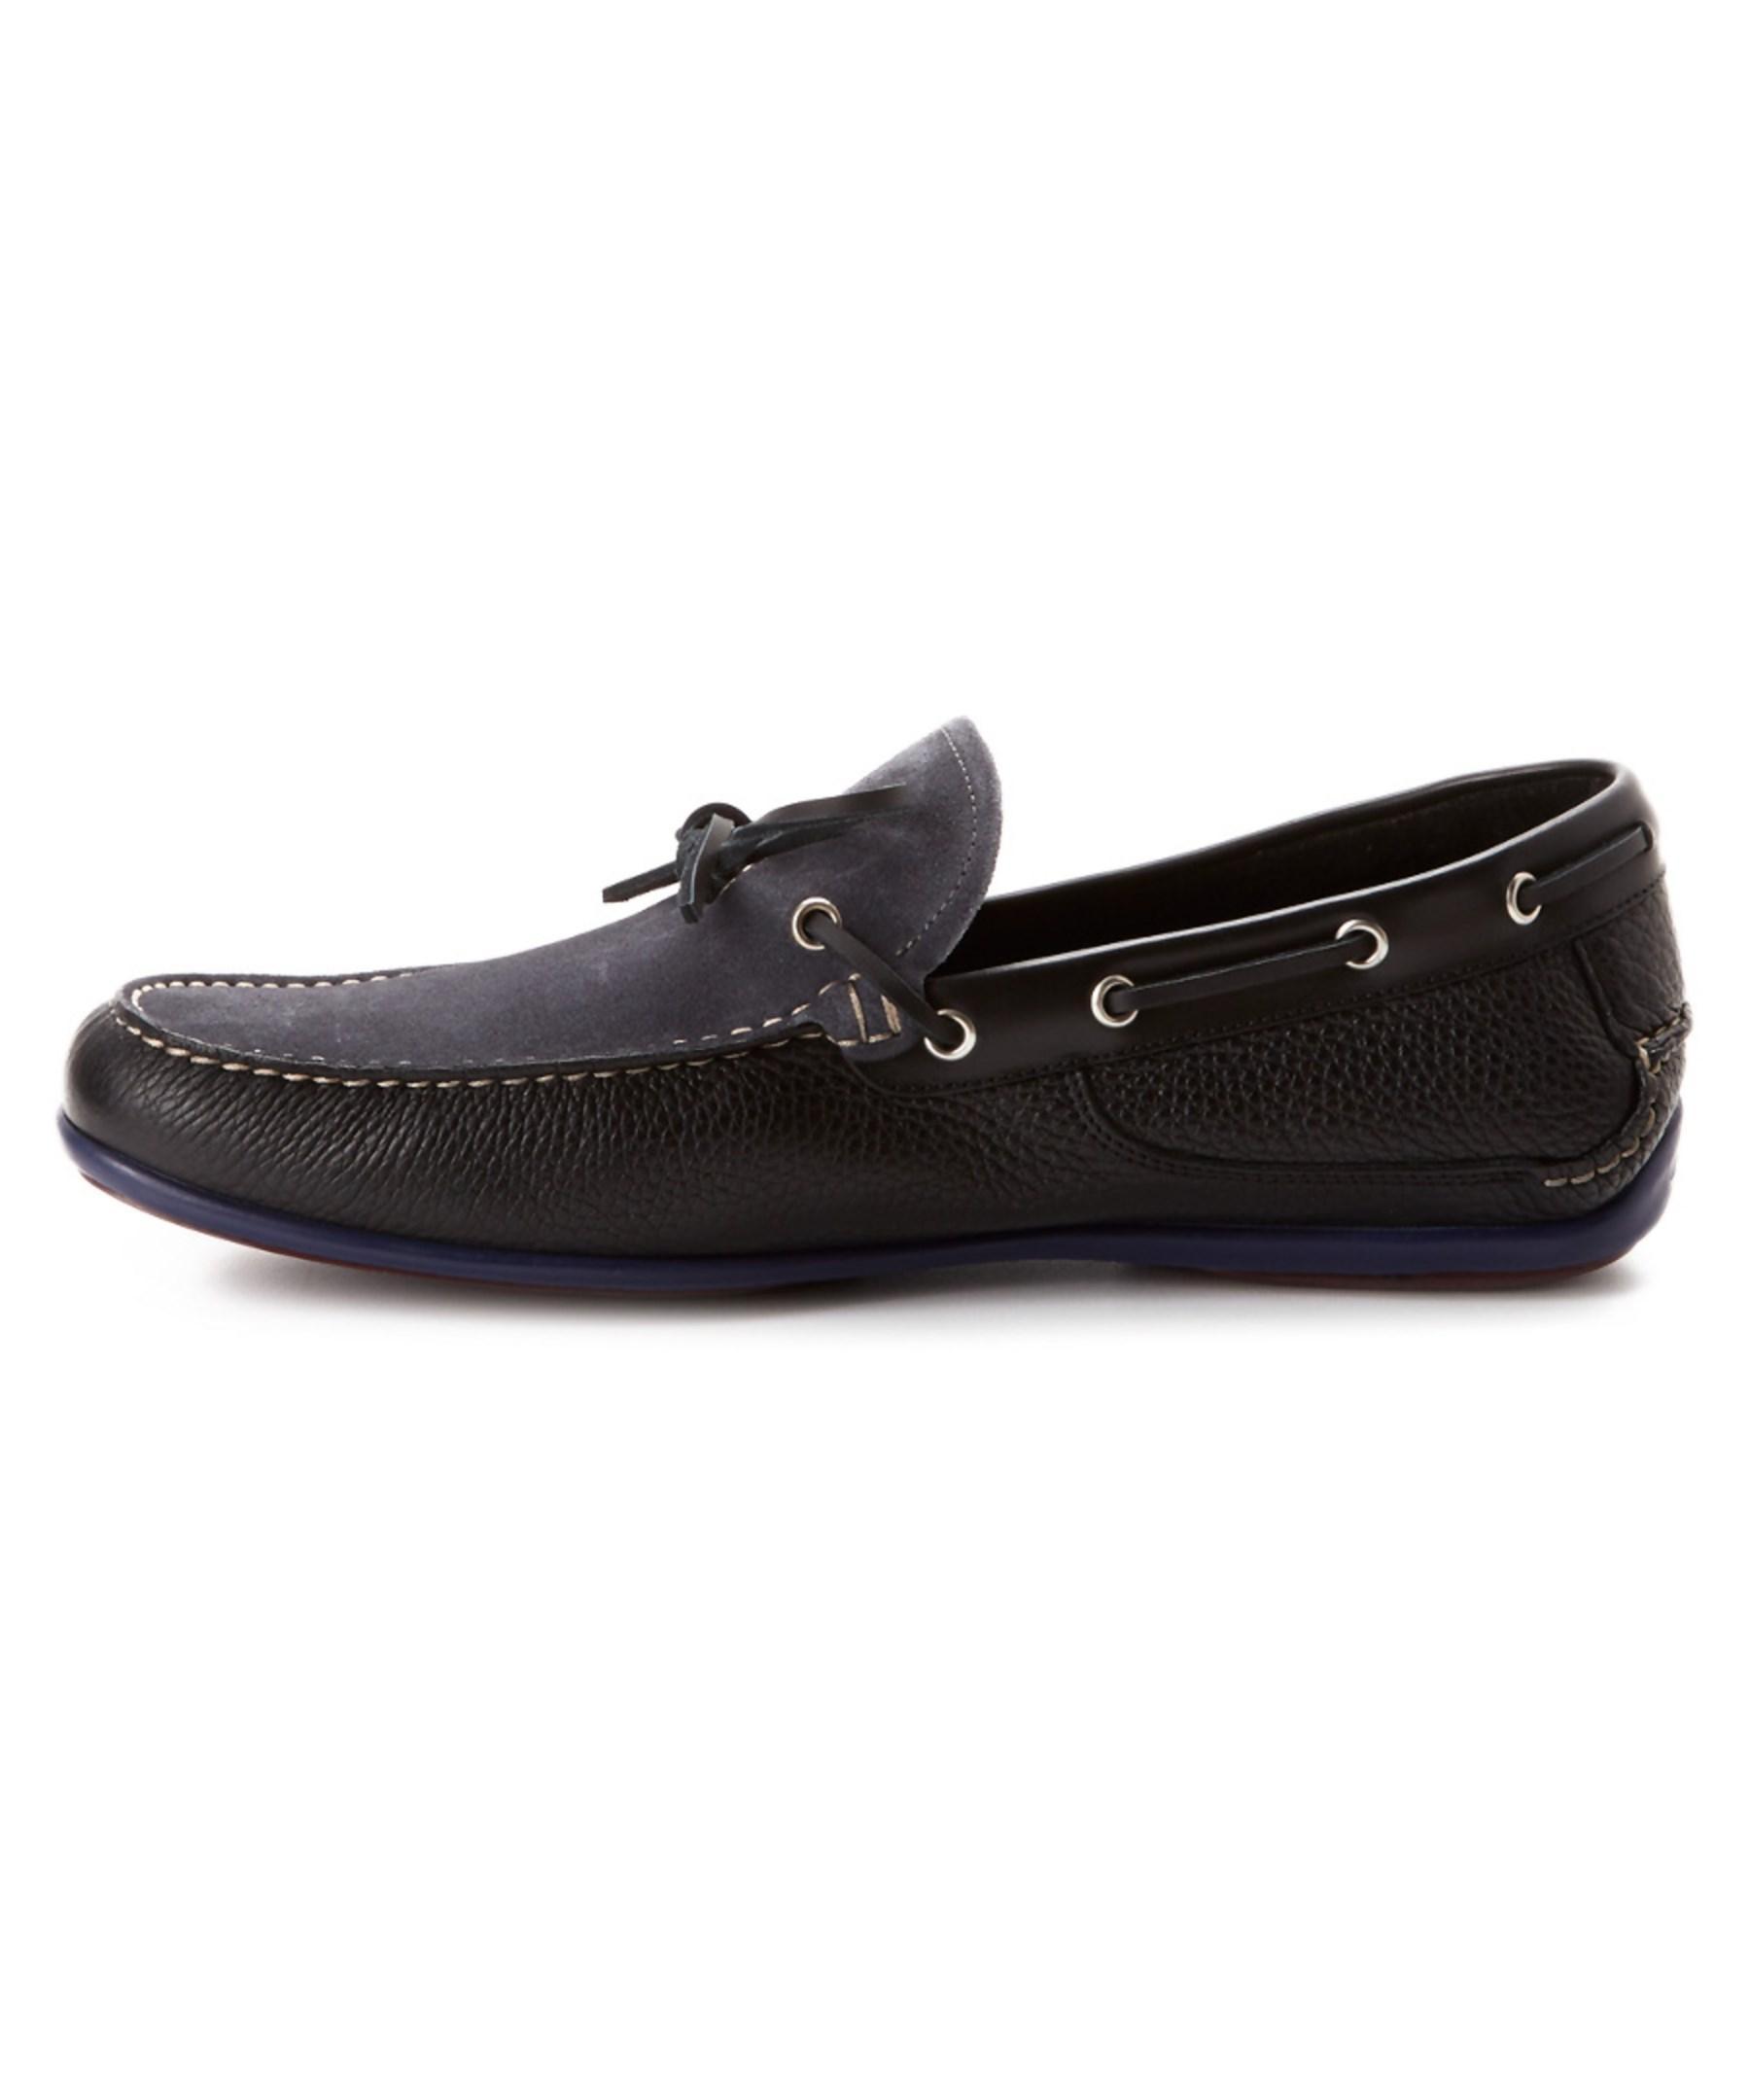 Salvatore Ferragamo Mango Boat Shoe Black